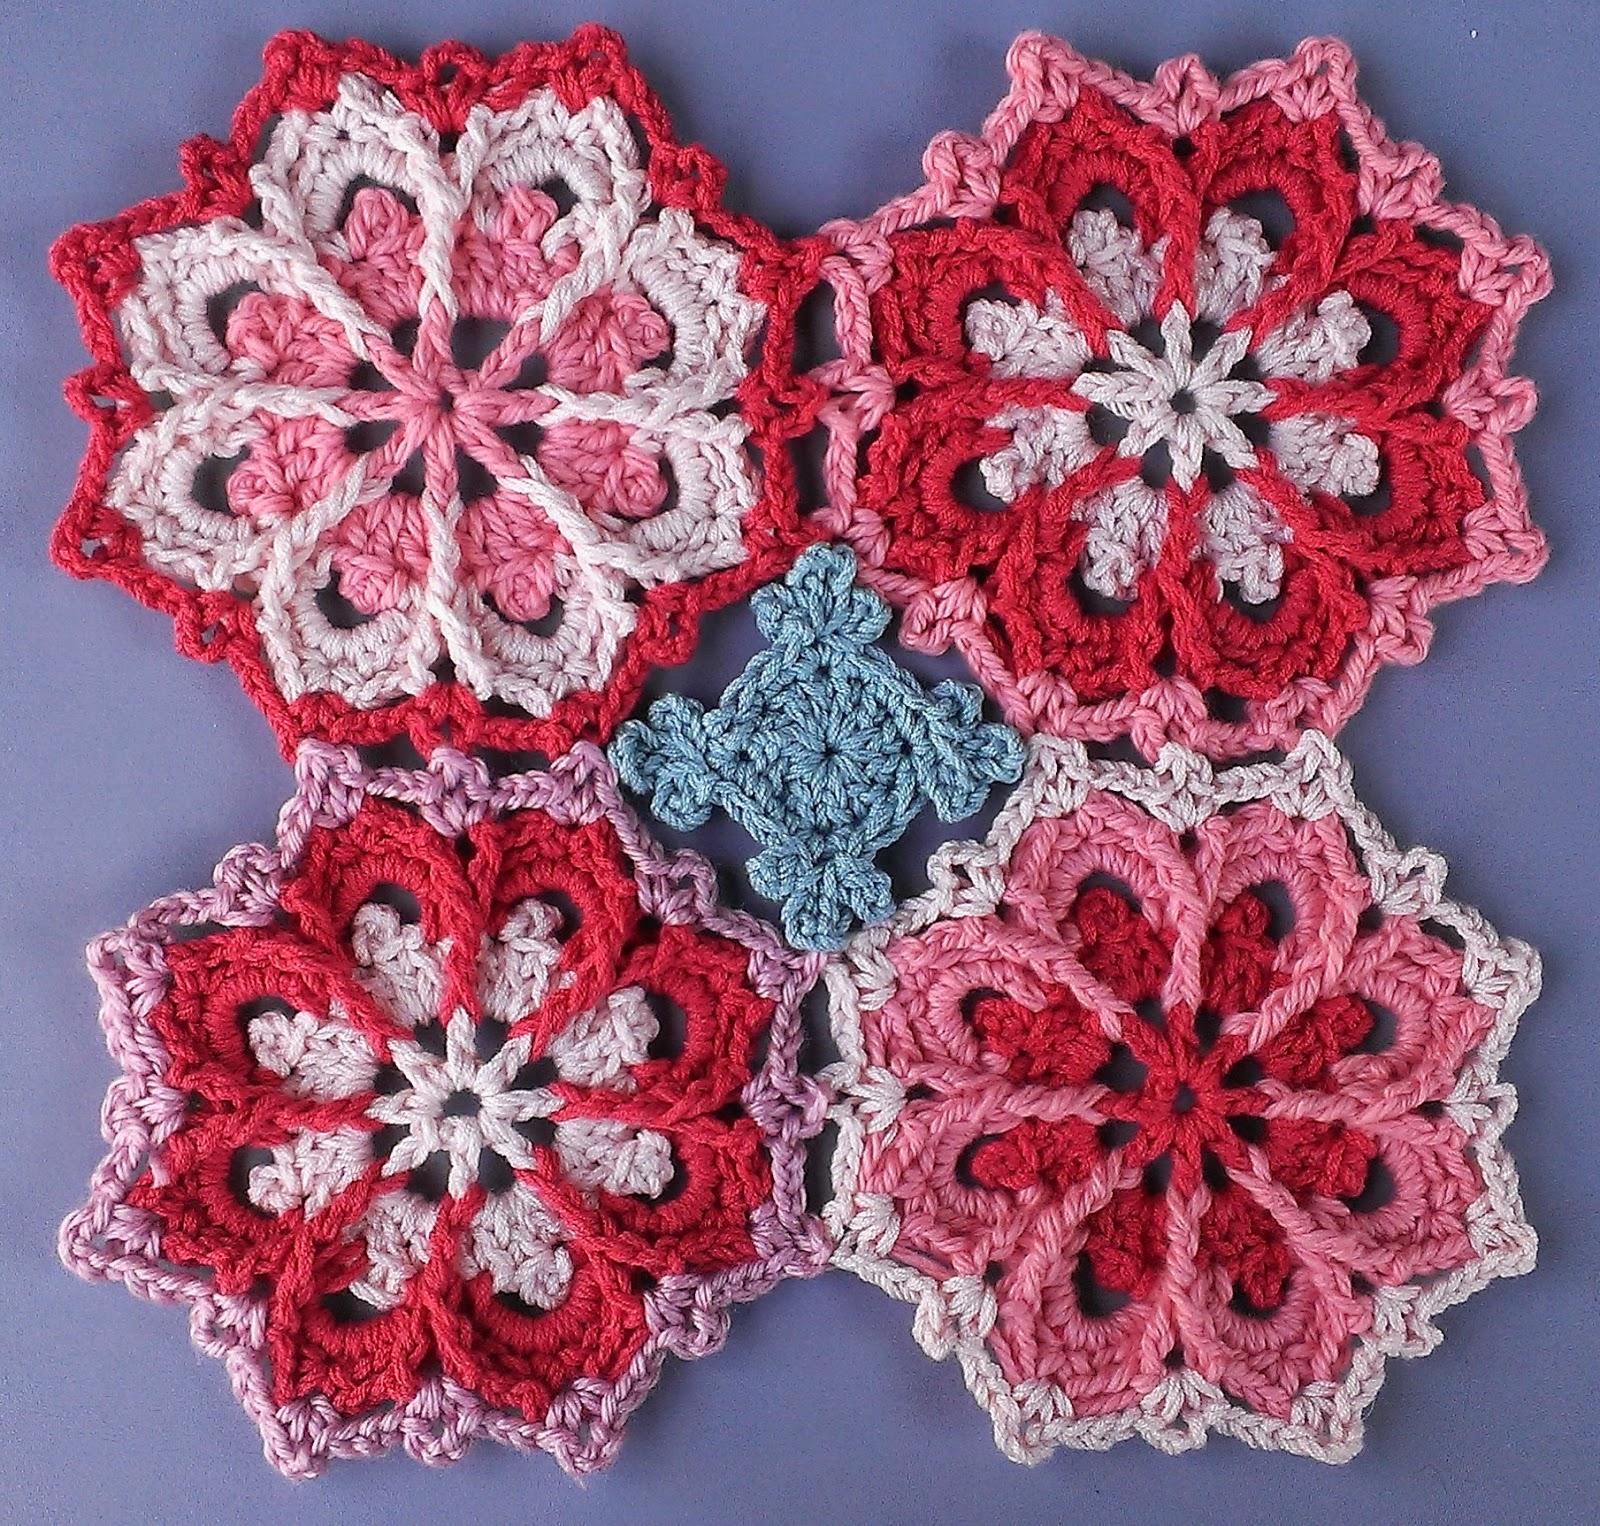 crochet by faye: Crochet Motif Construction Webinar